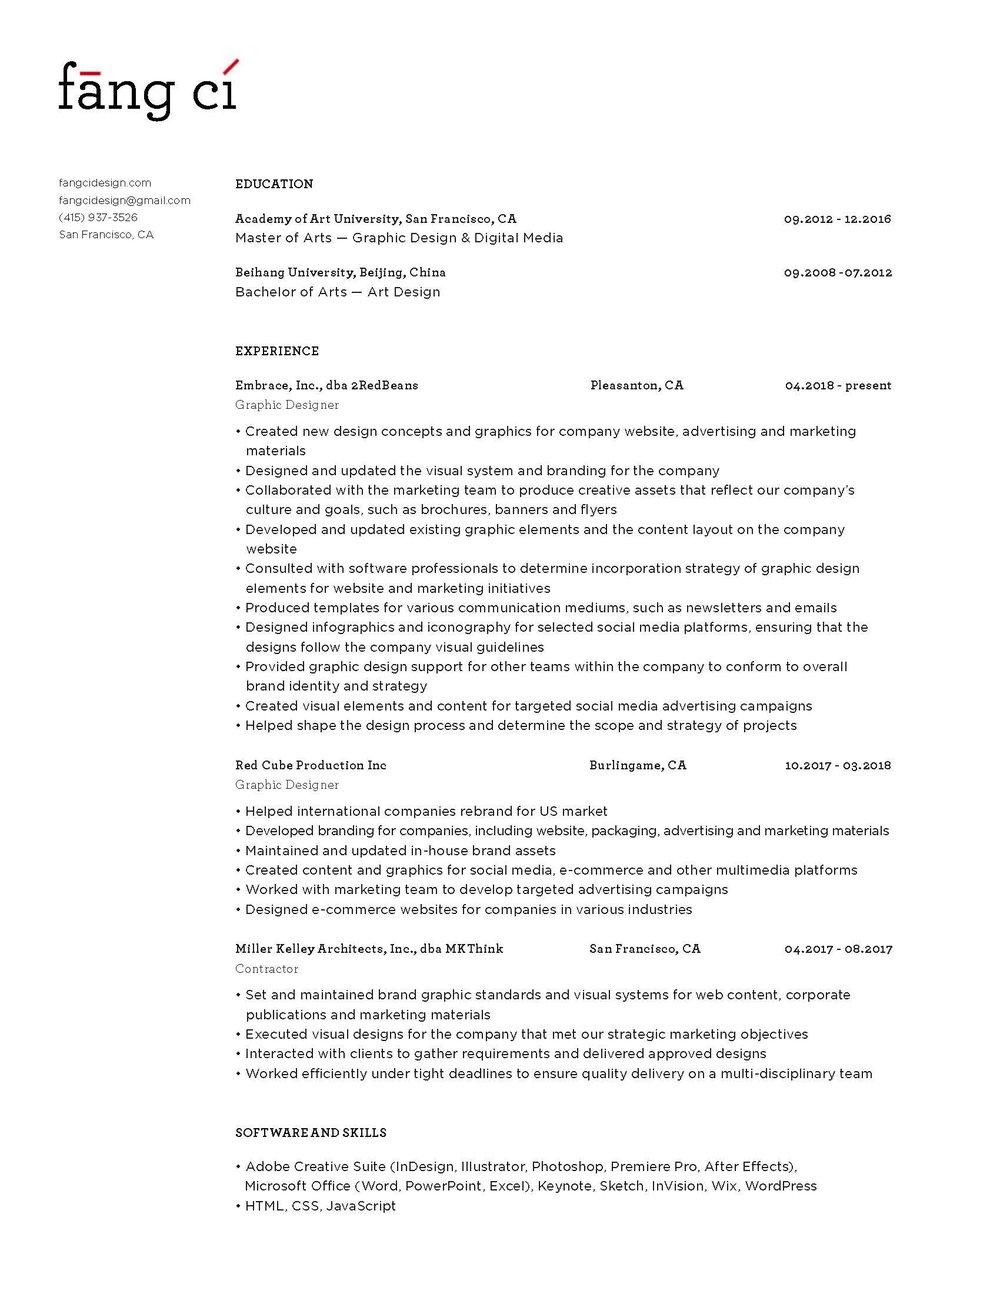 Fang Ci's Resume